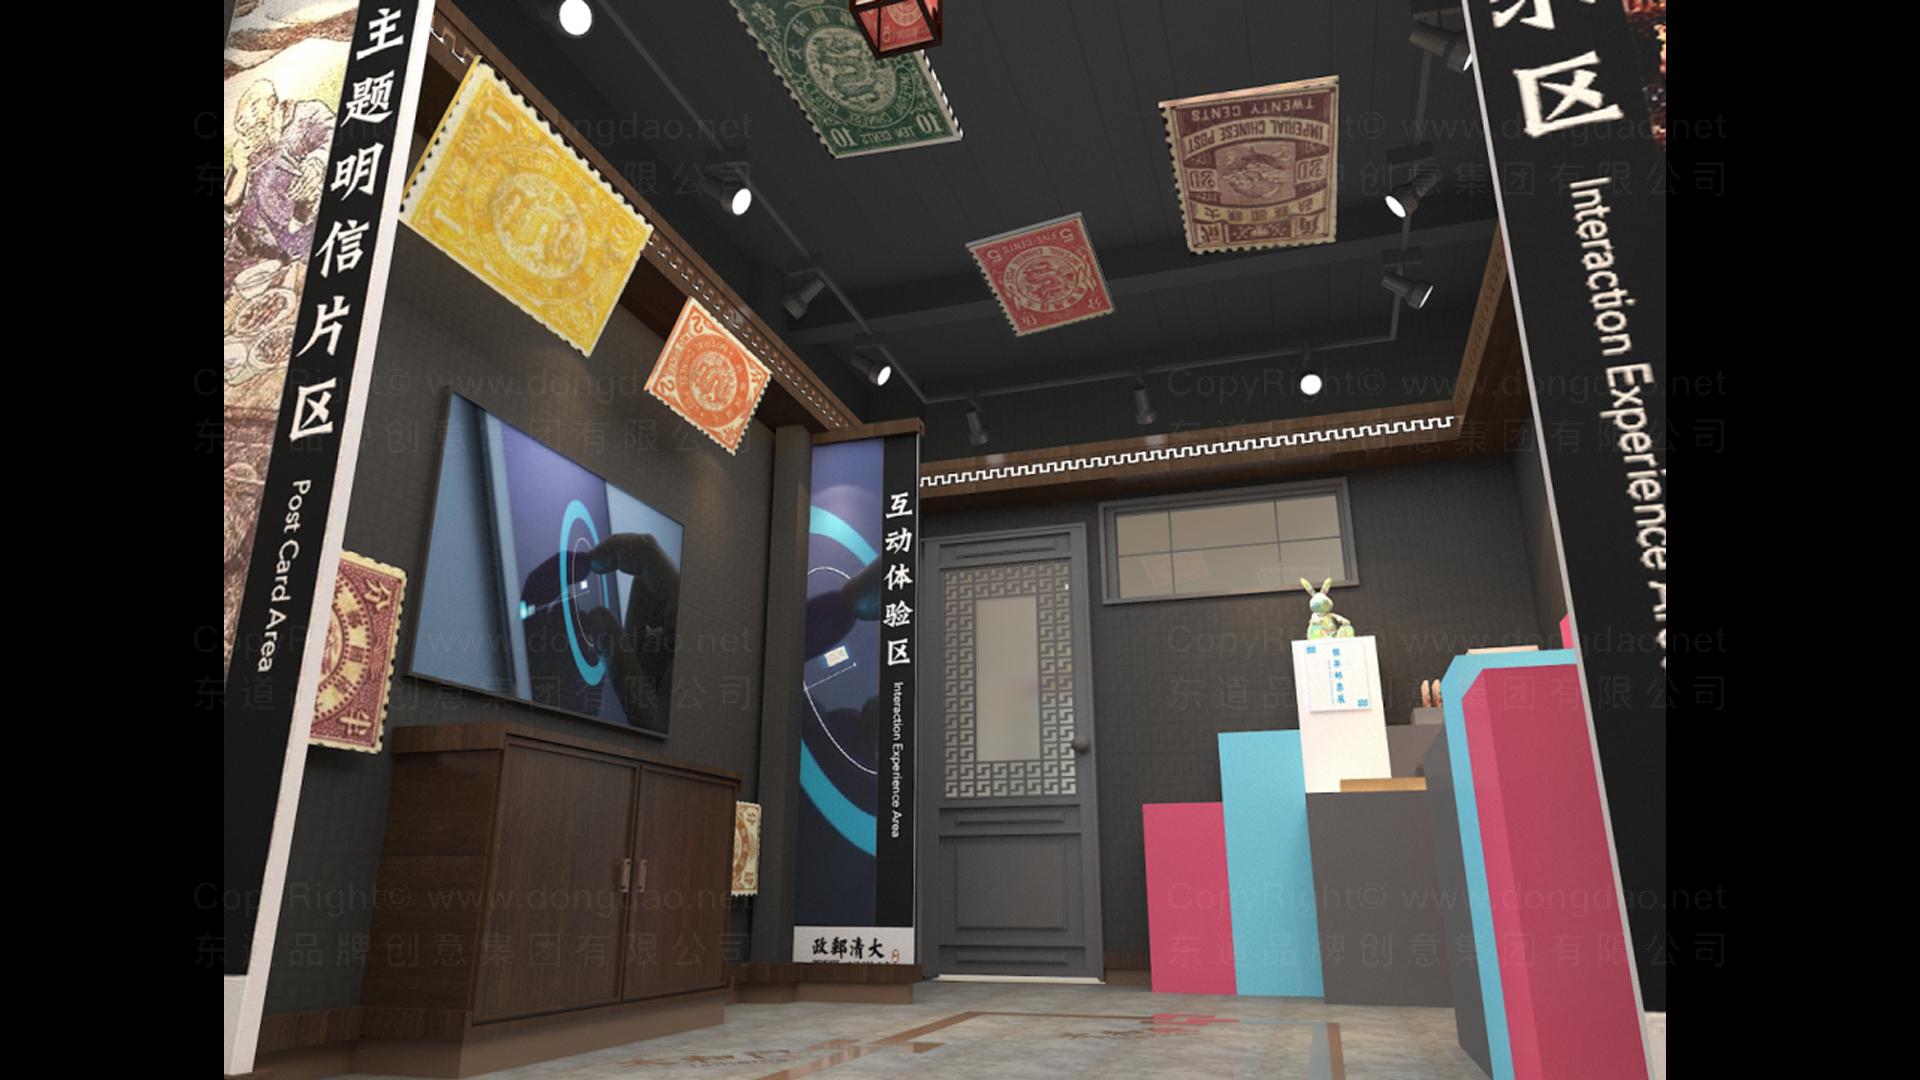 商业空间&导示大清邮政SI设计应用场景_3